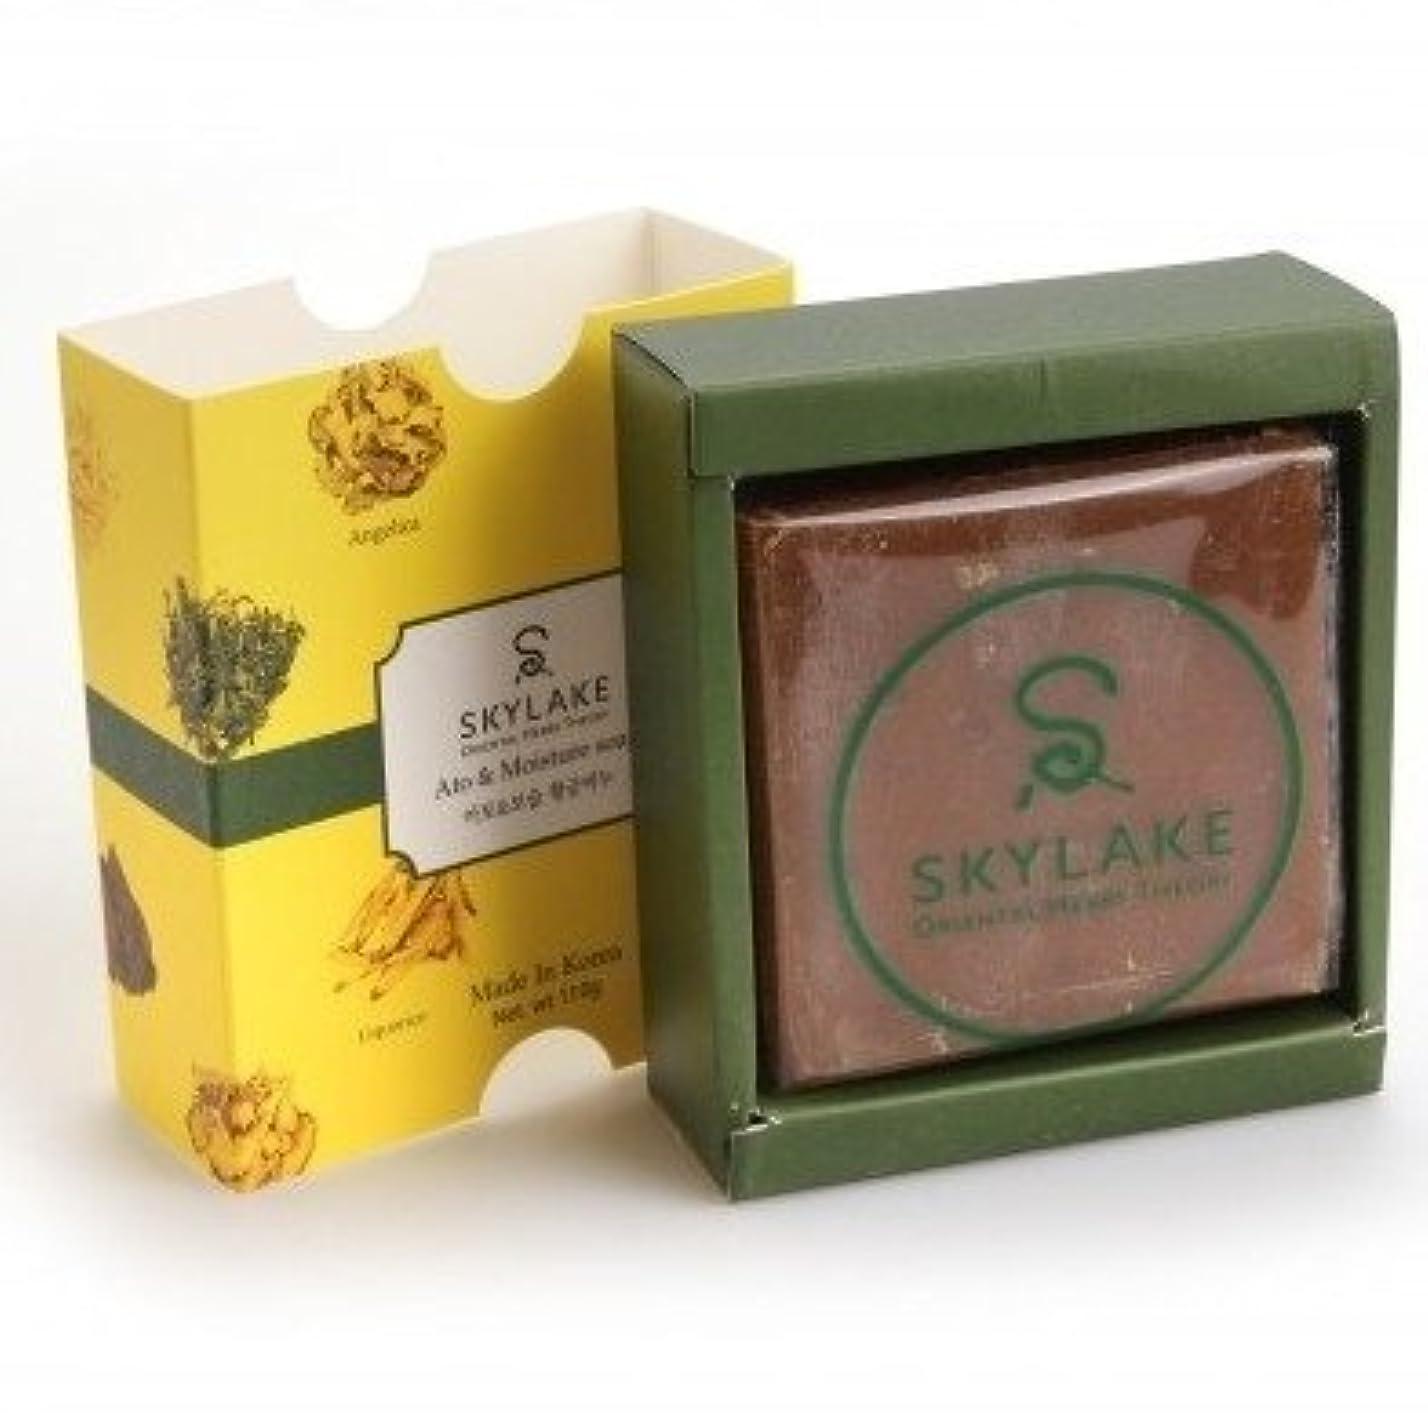 グローバルホバー到着する[1+1]ハヌルホス[Skylake] 漢方アロマ石鹸Oriental Herbs Theory Soap (アト?保湿用)